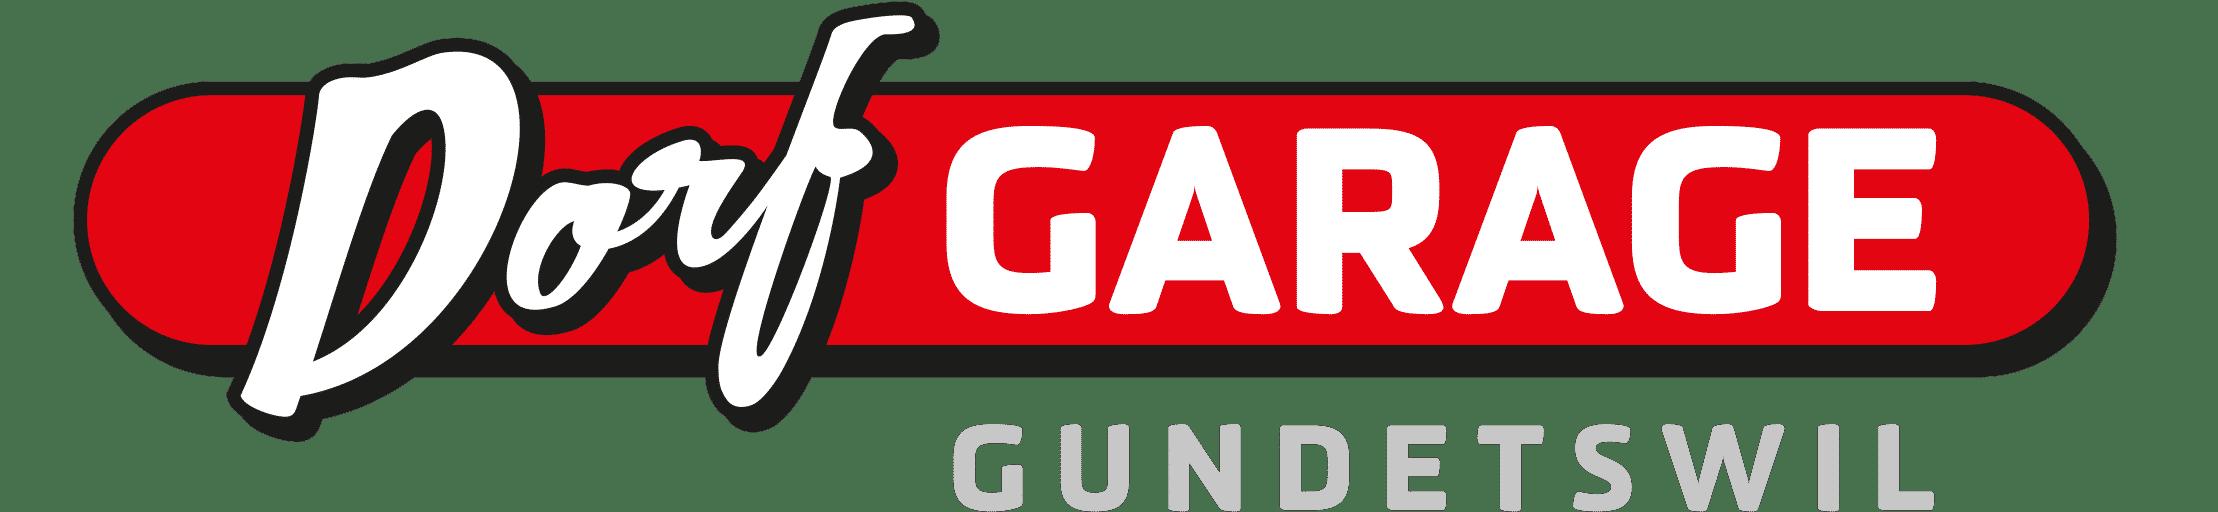 Dorfgarage Gundetswil